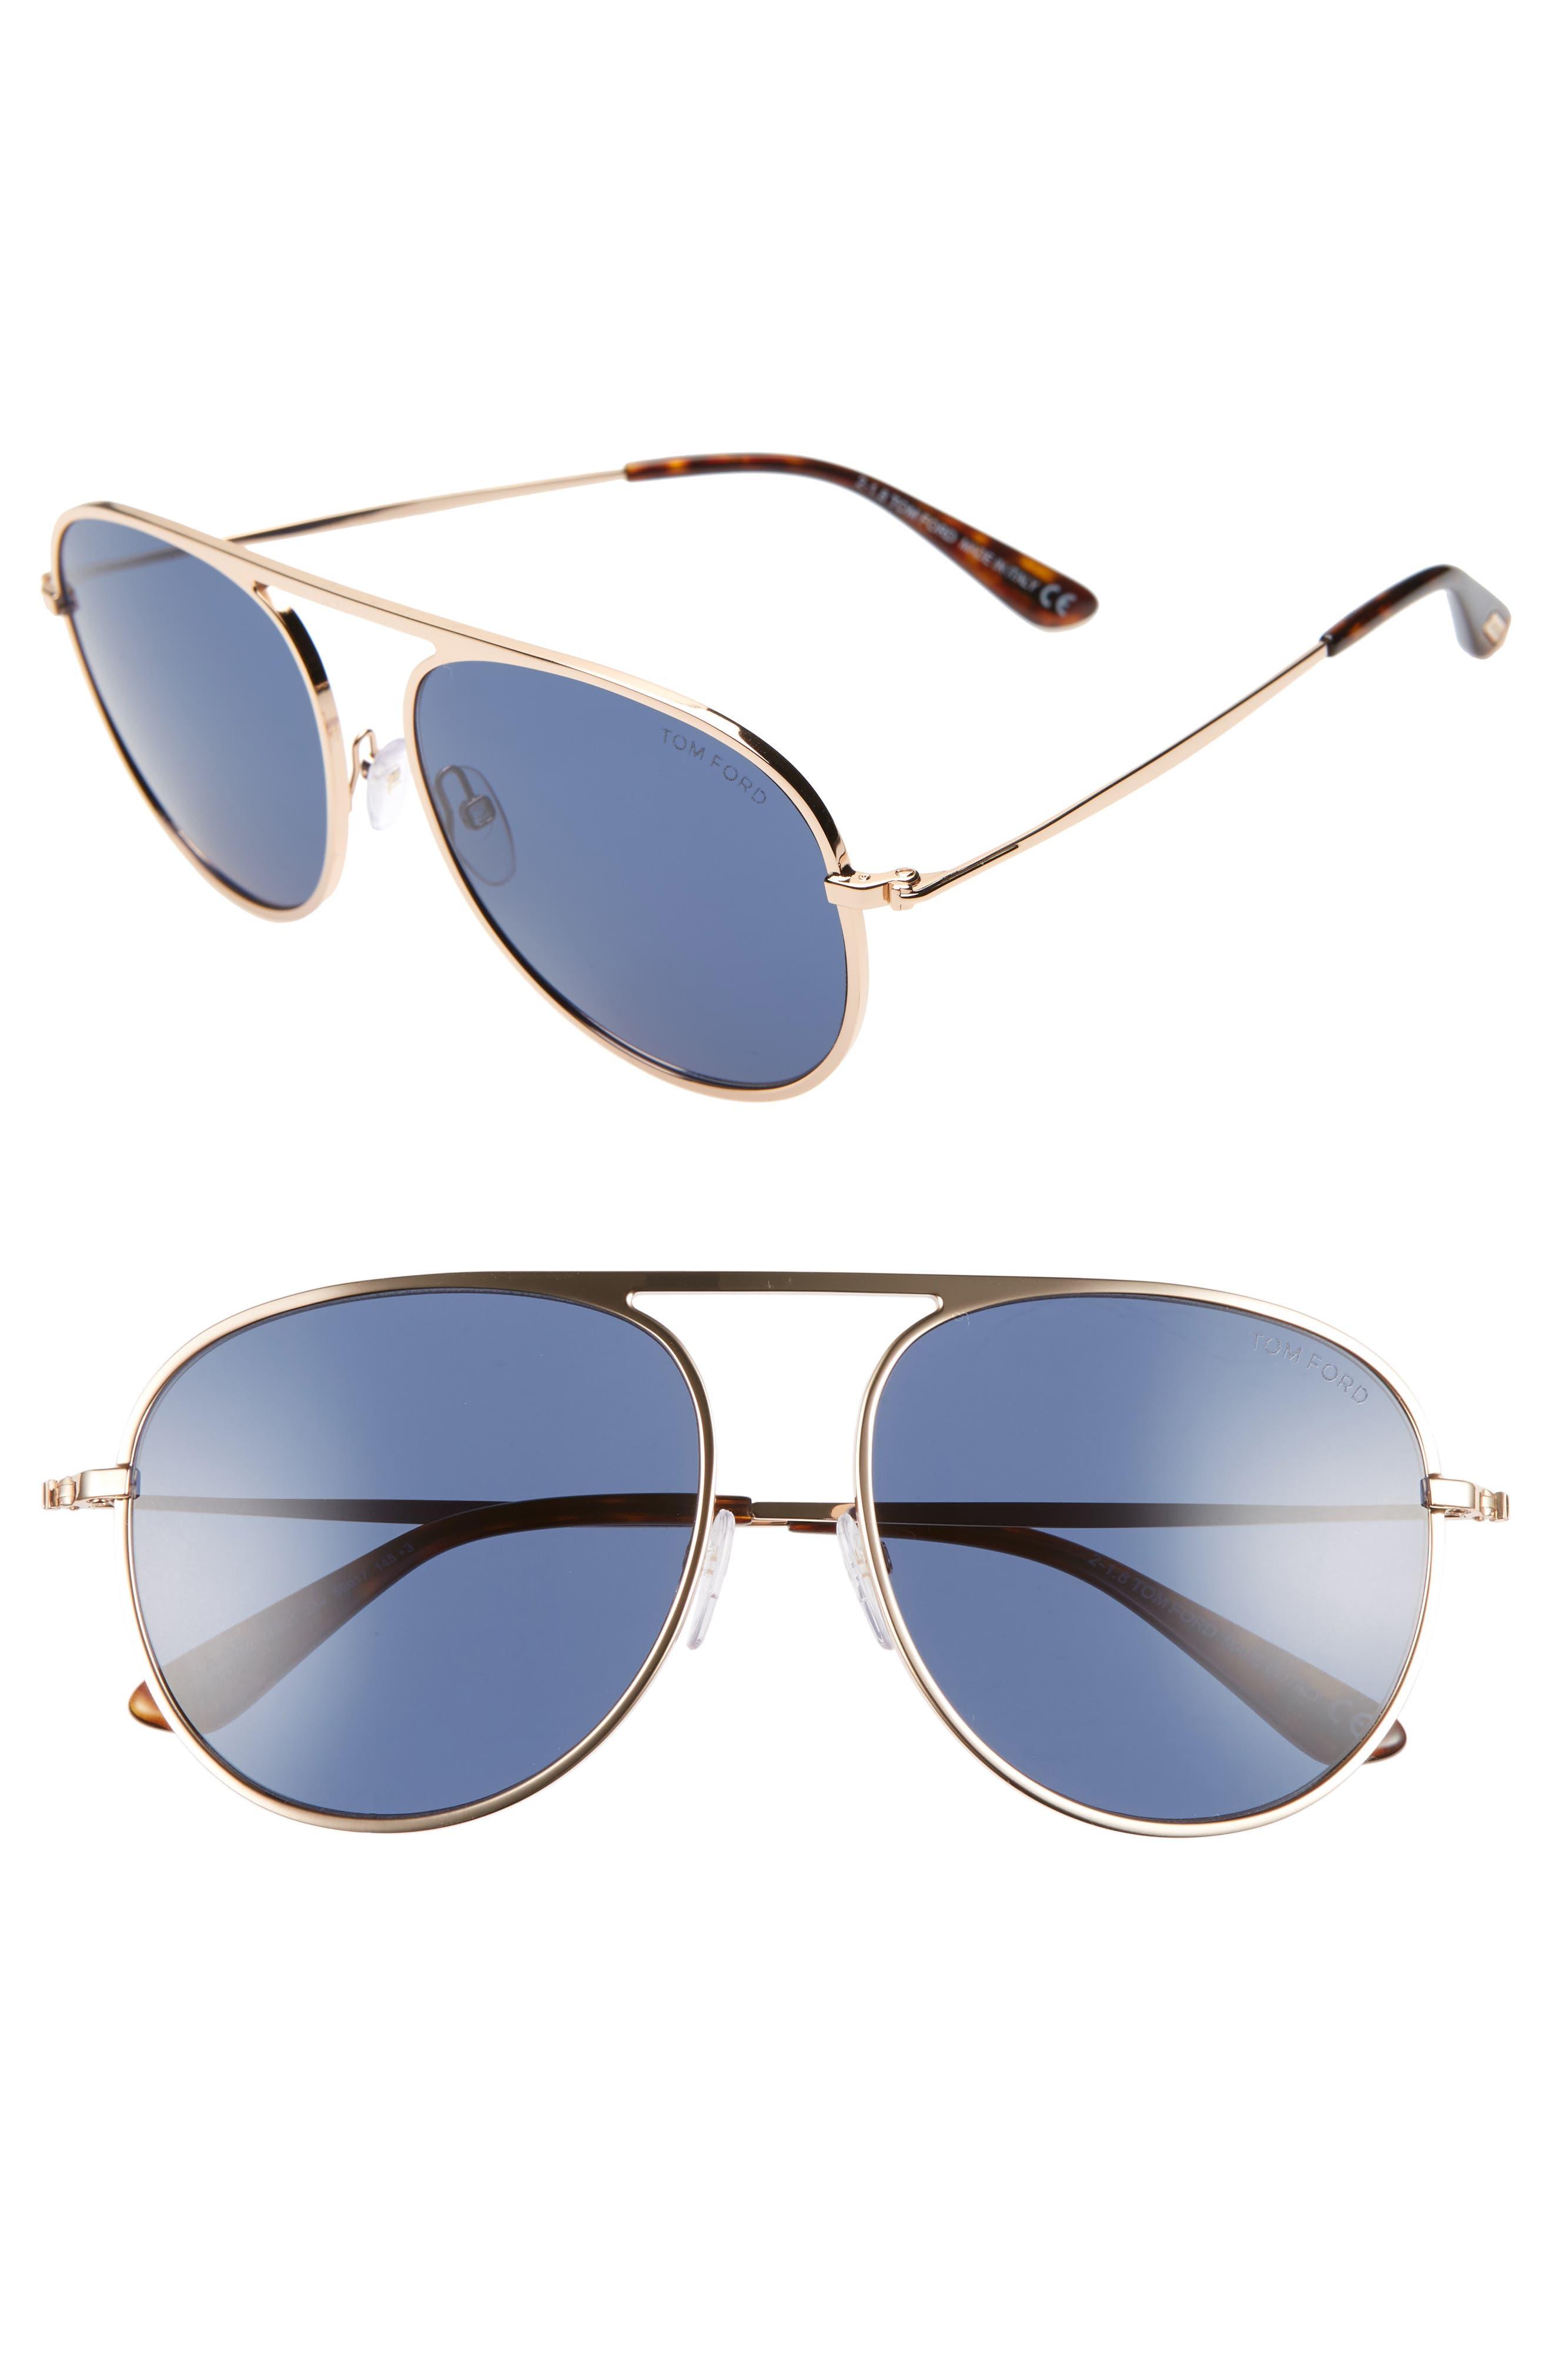 aa848e0cdd3 Aviator Tom Ford Sunglasses for Women   Men